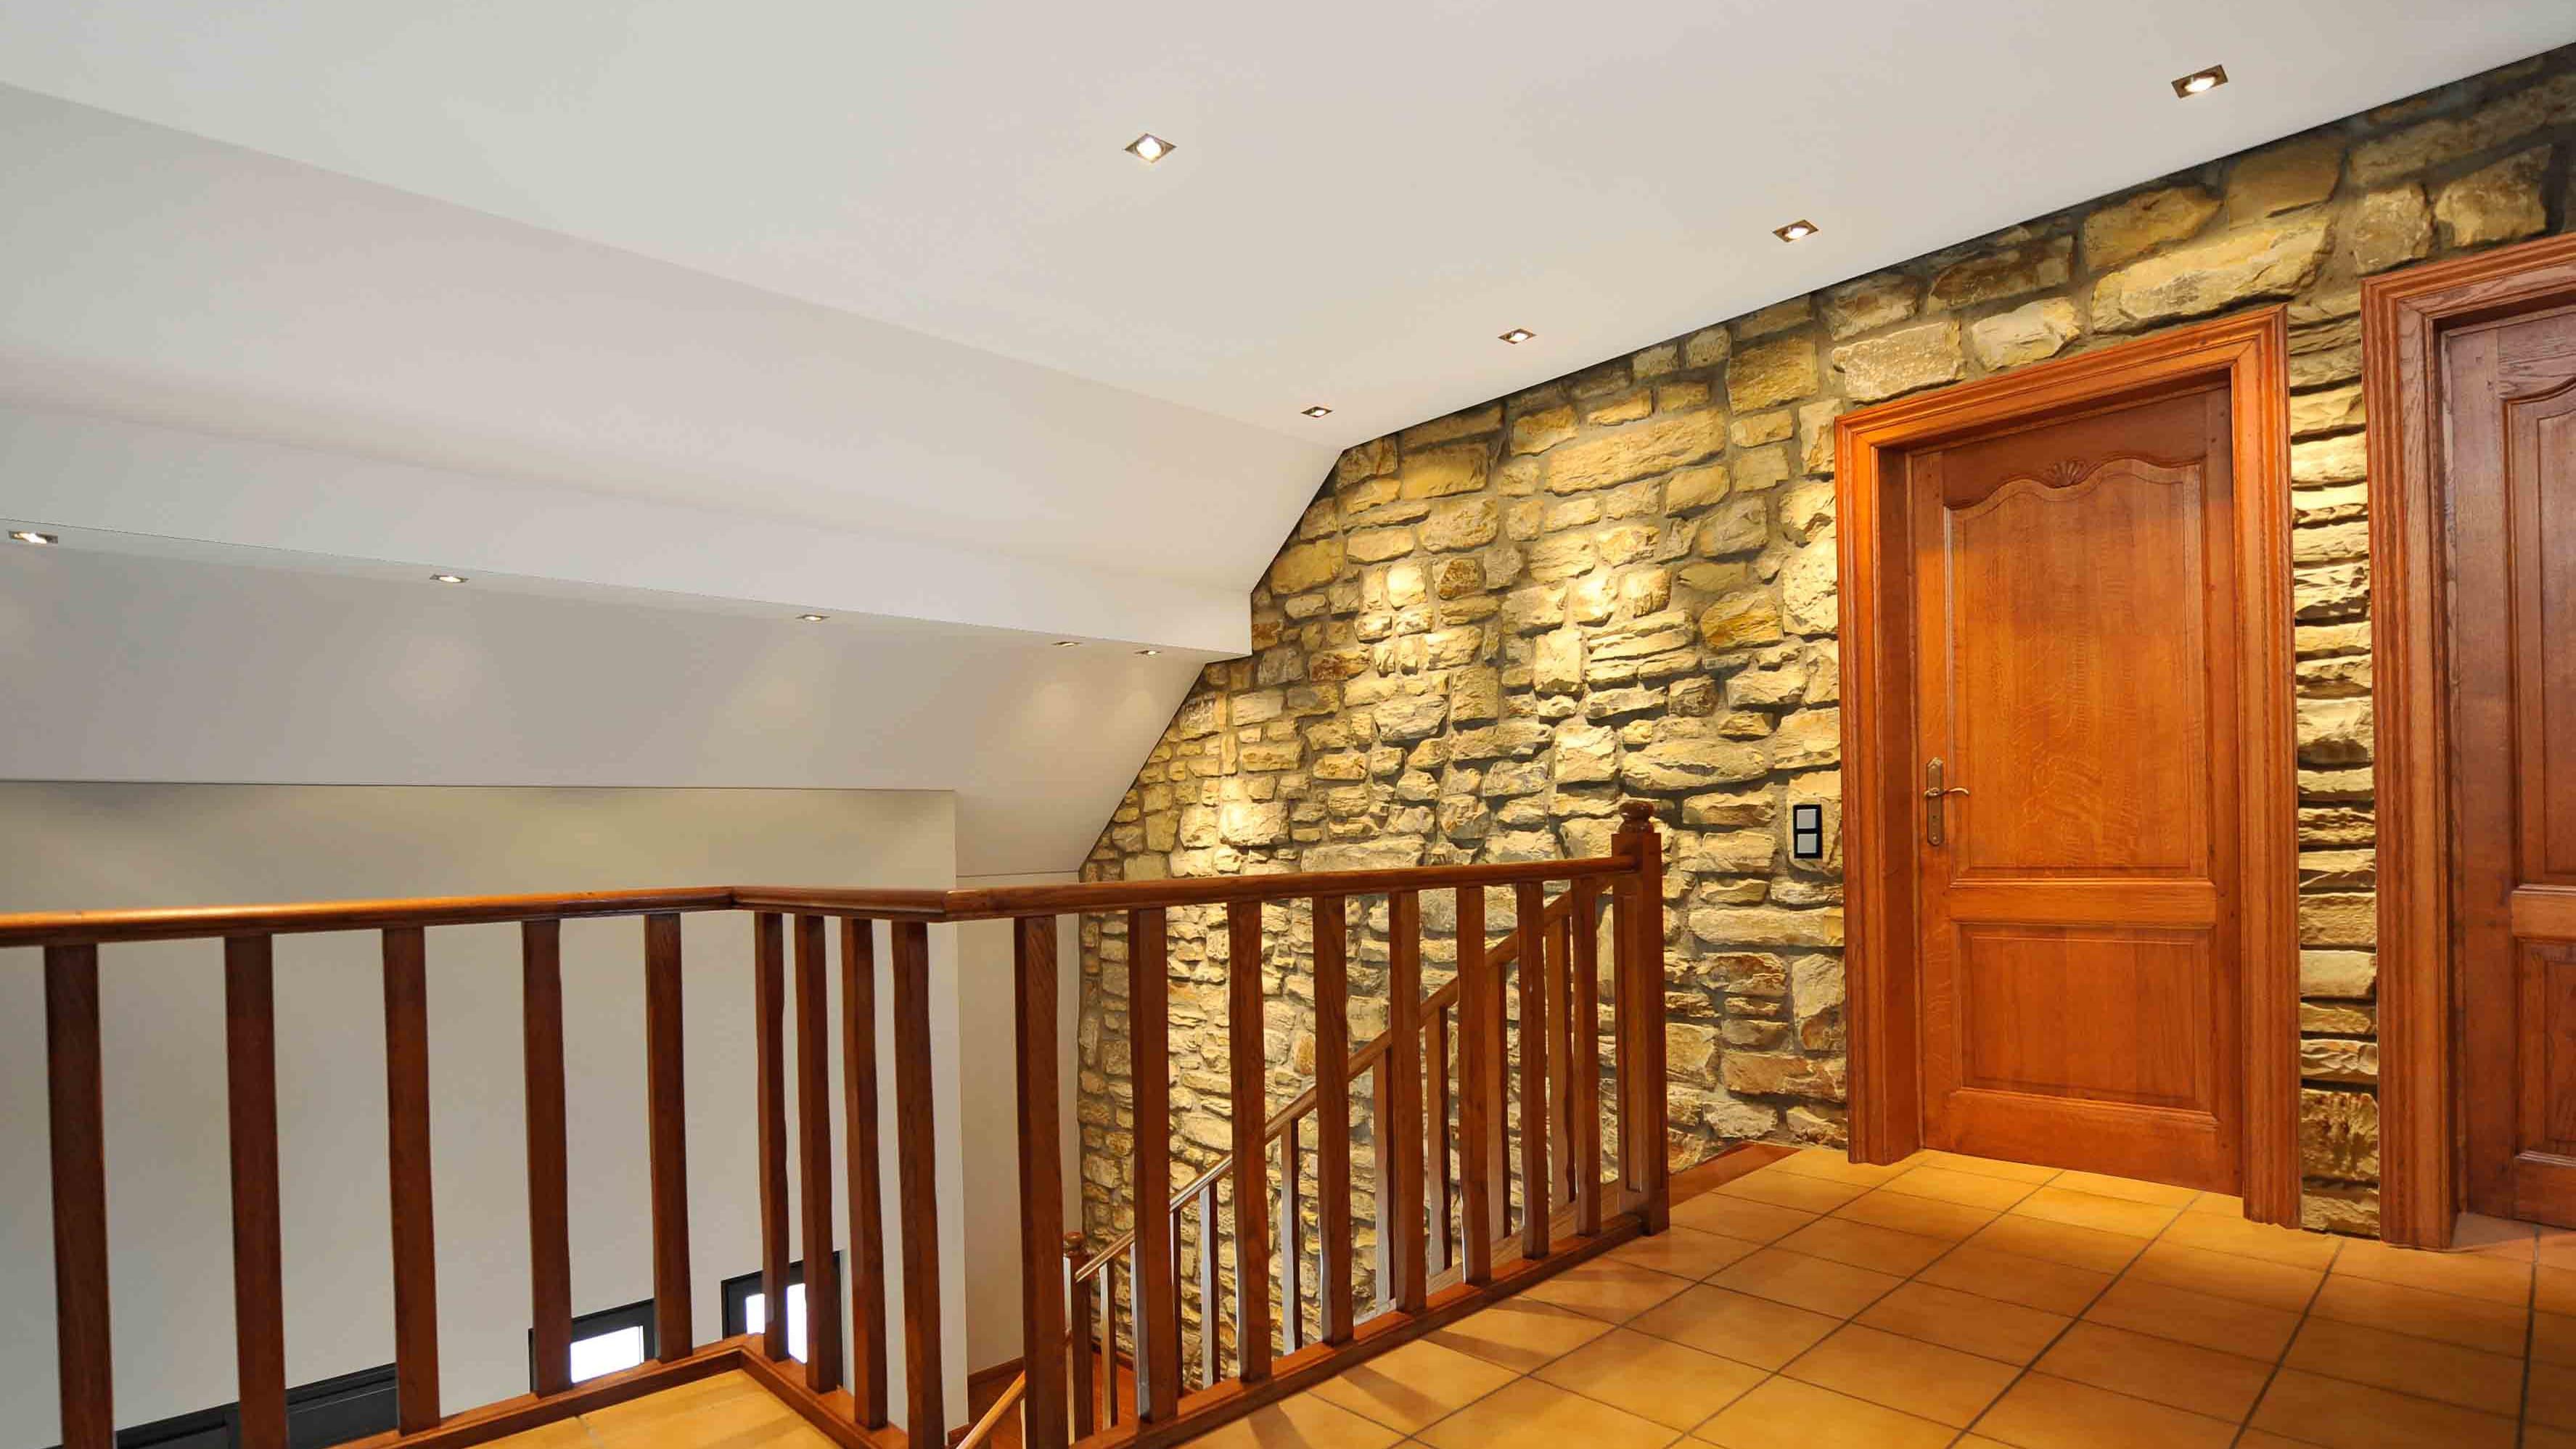 Treppenhaus Flur NAchhher helle weiße Spanndecke